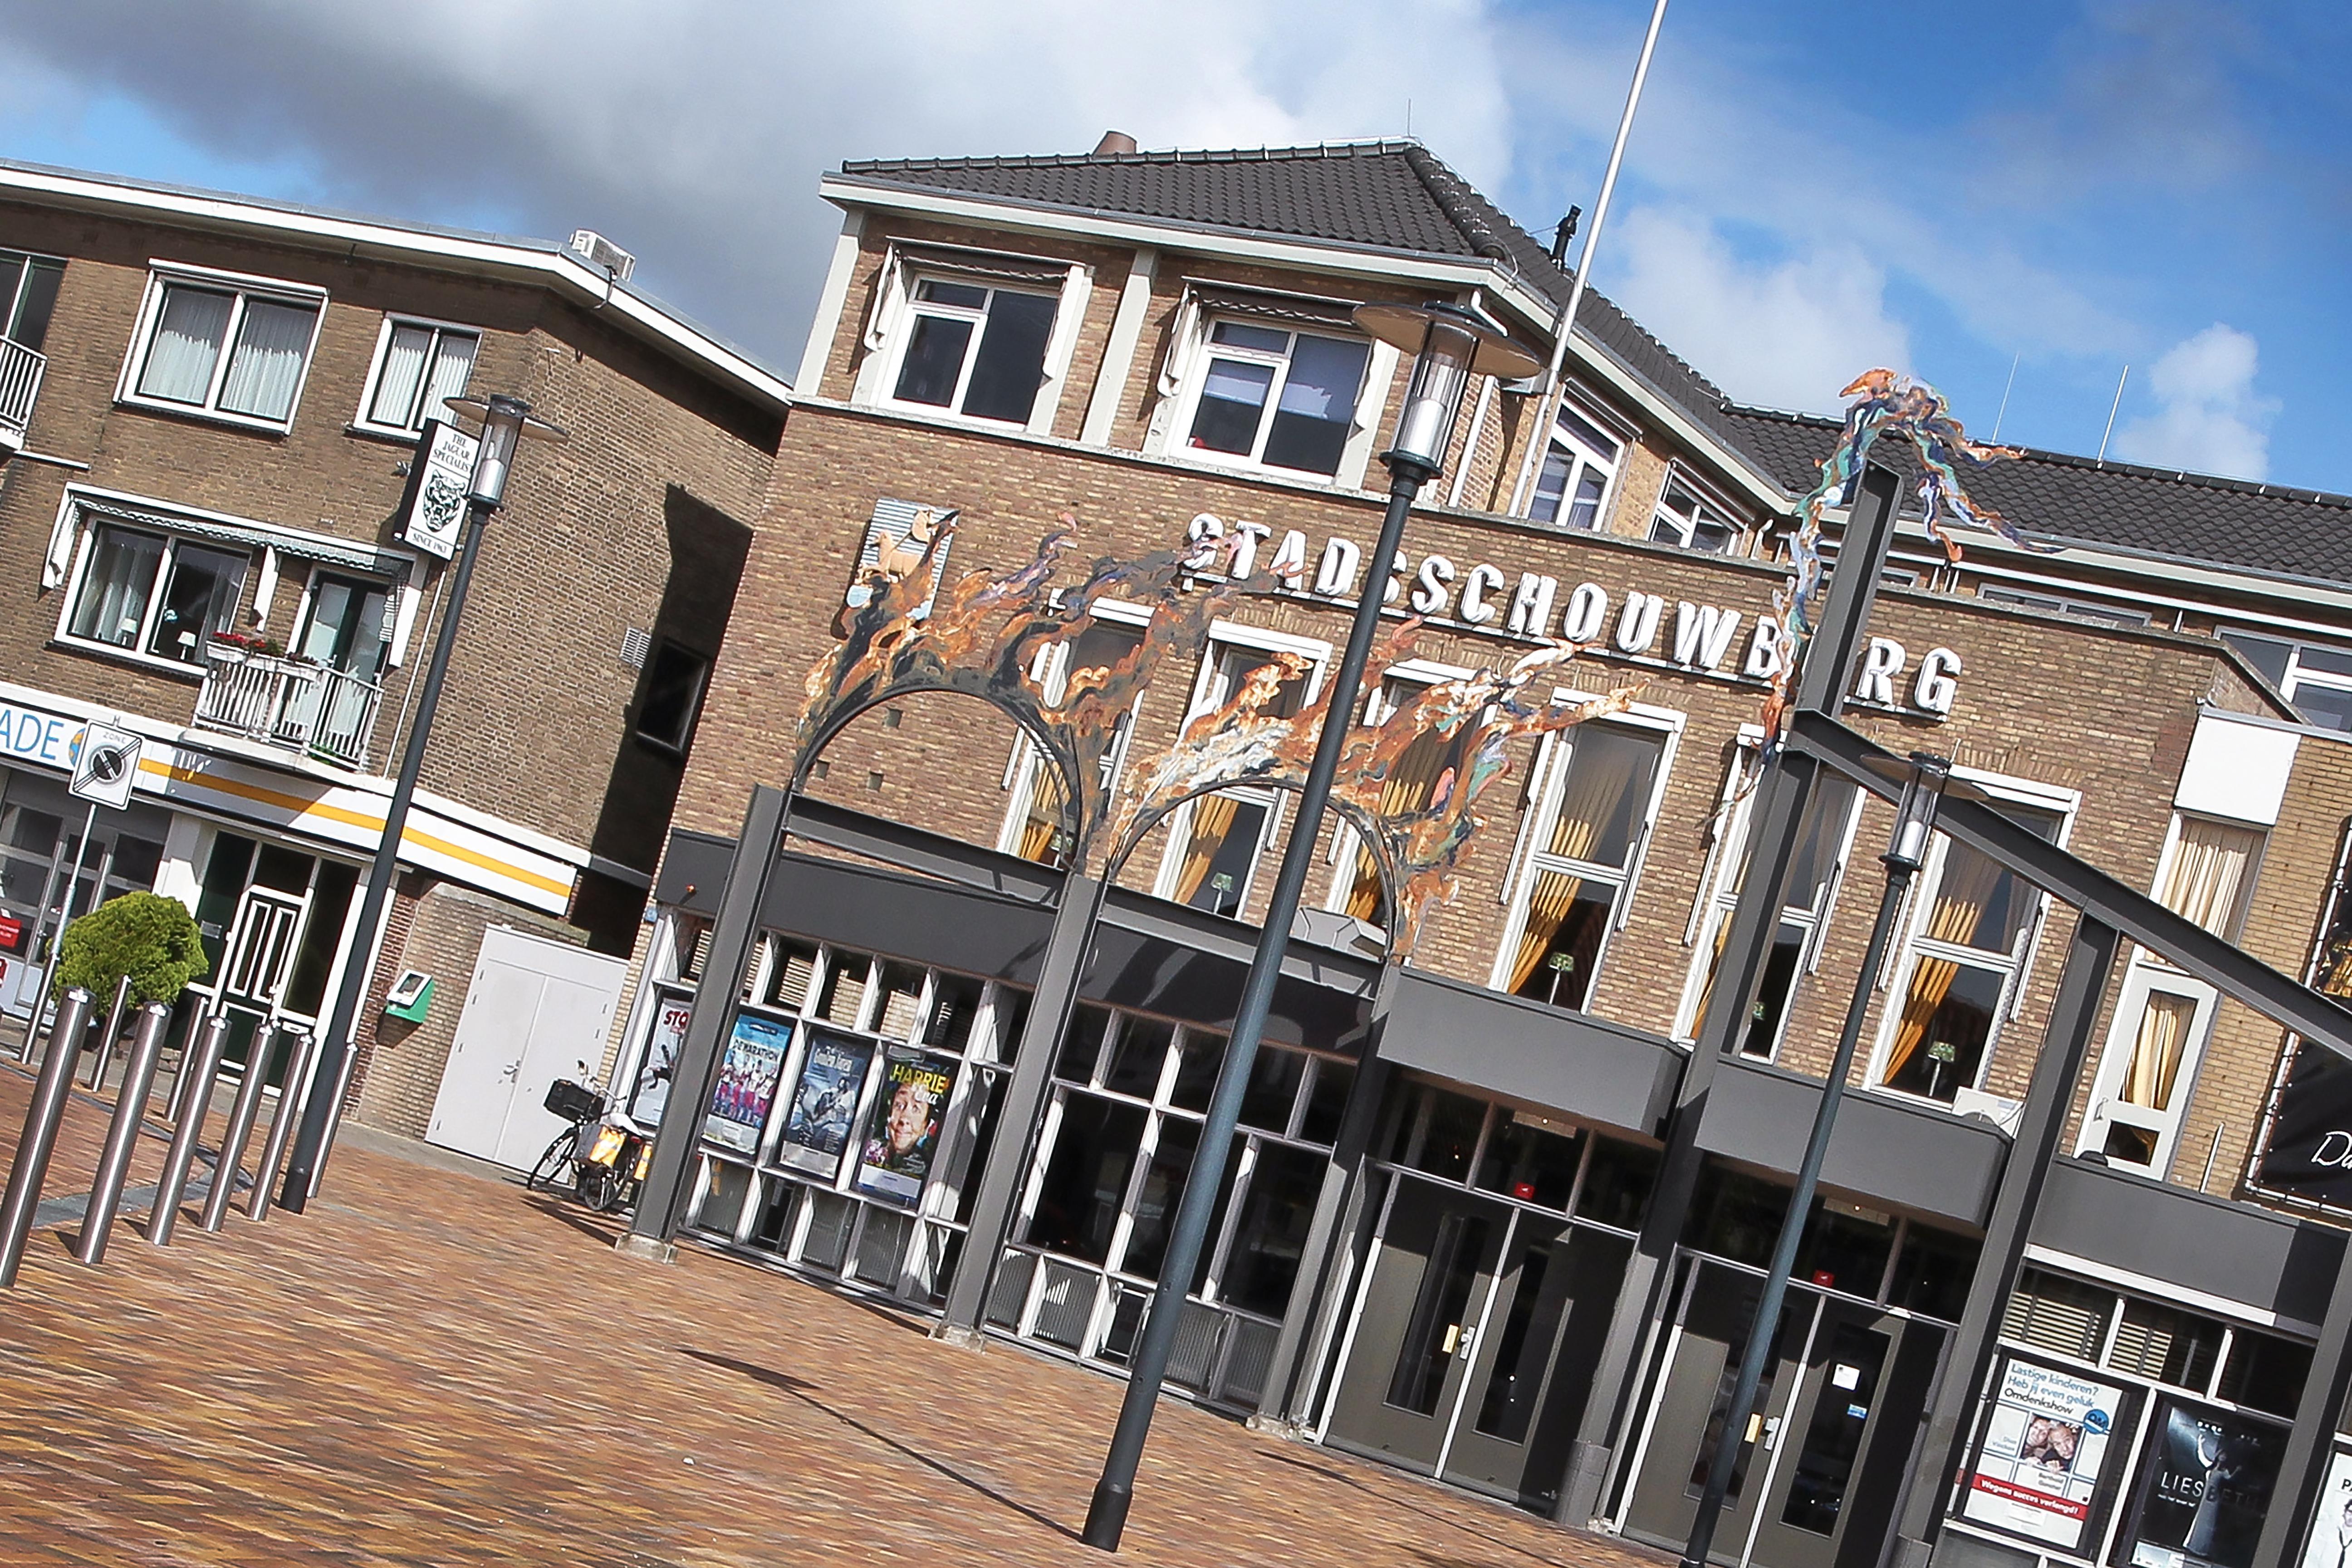 Stadsschouwburg Velsen zet deuren wagenwijd open voor zomerprogramma en terras: 'We hopen ons theaterloze en stille voorjaar voor iedereen weer een beetje goed maken'